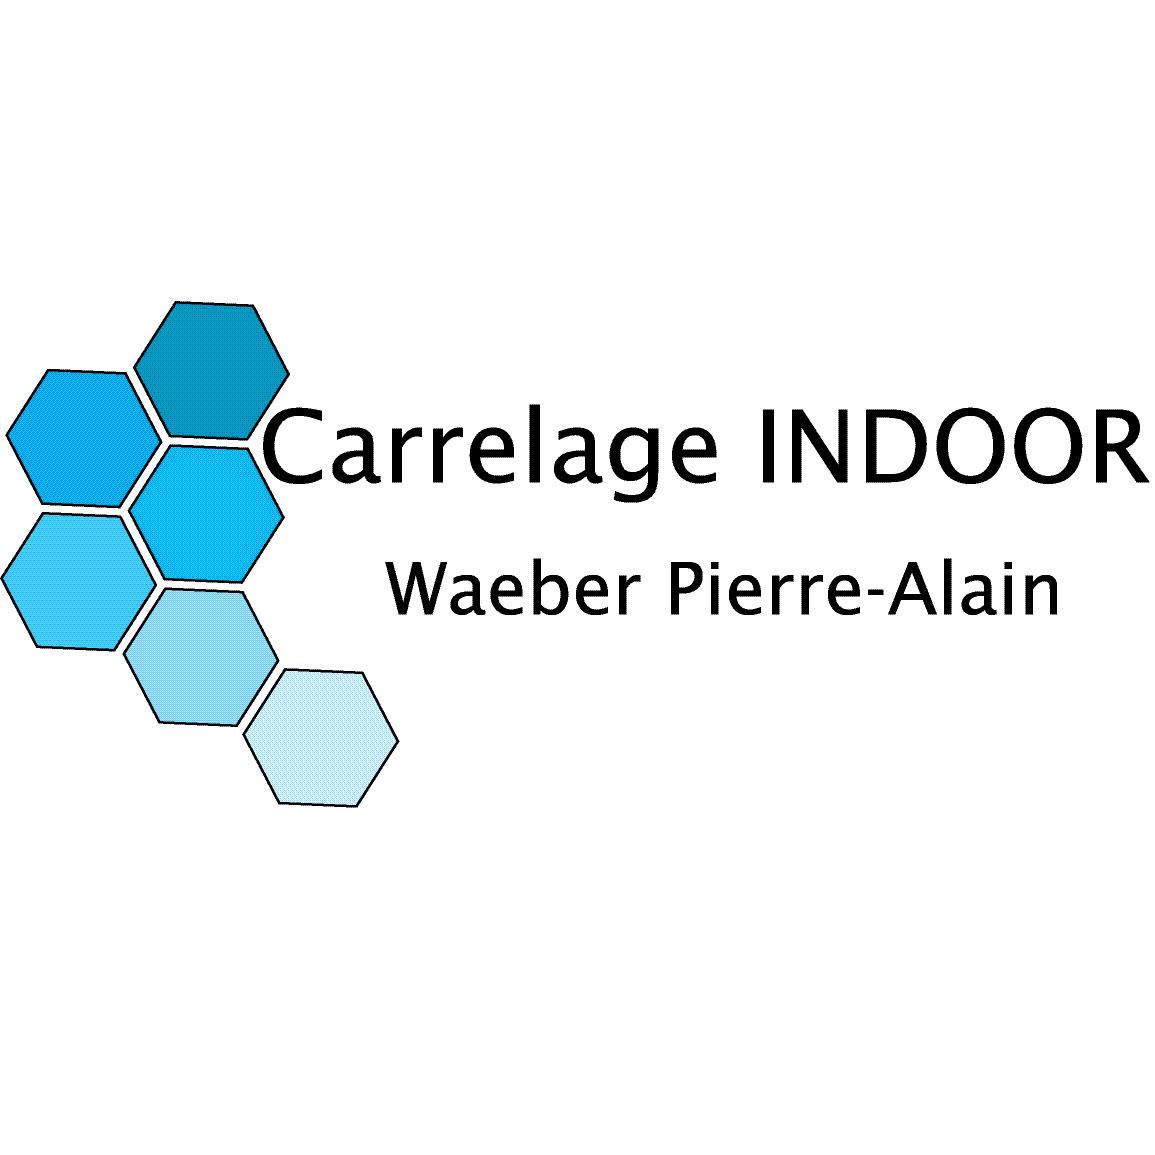 Carrelage indoor